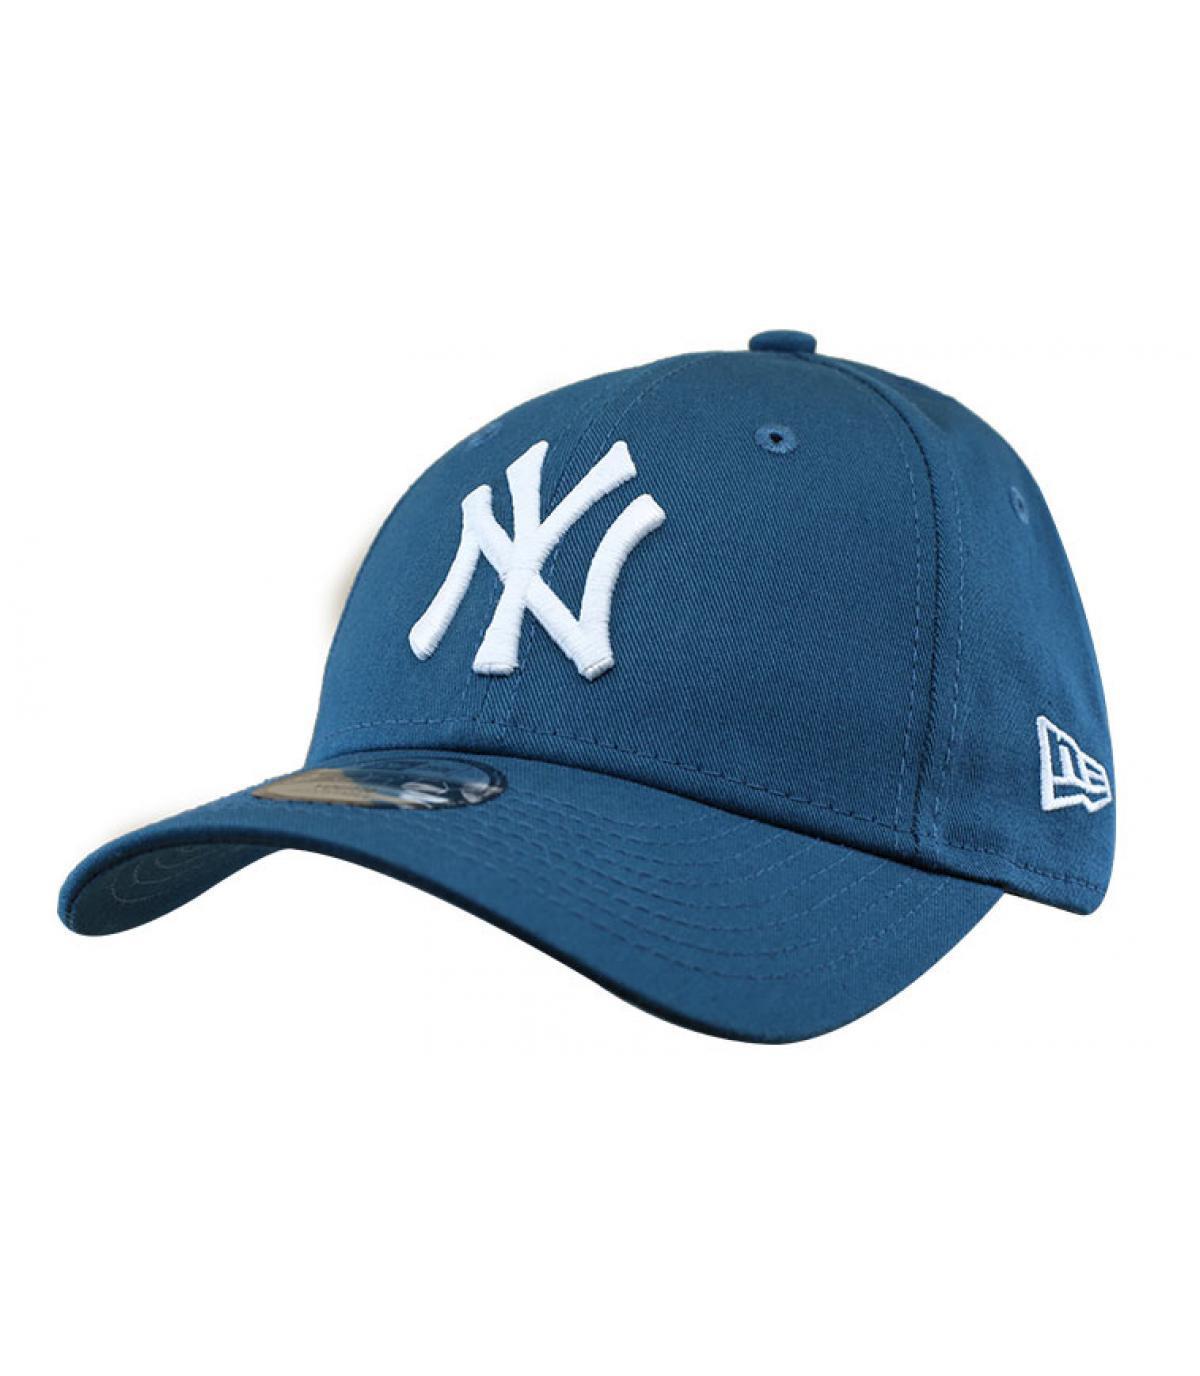 casquette enfant bleu NY